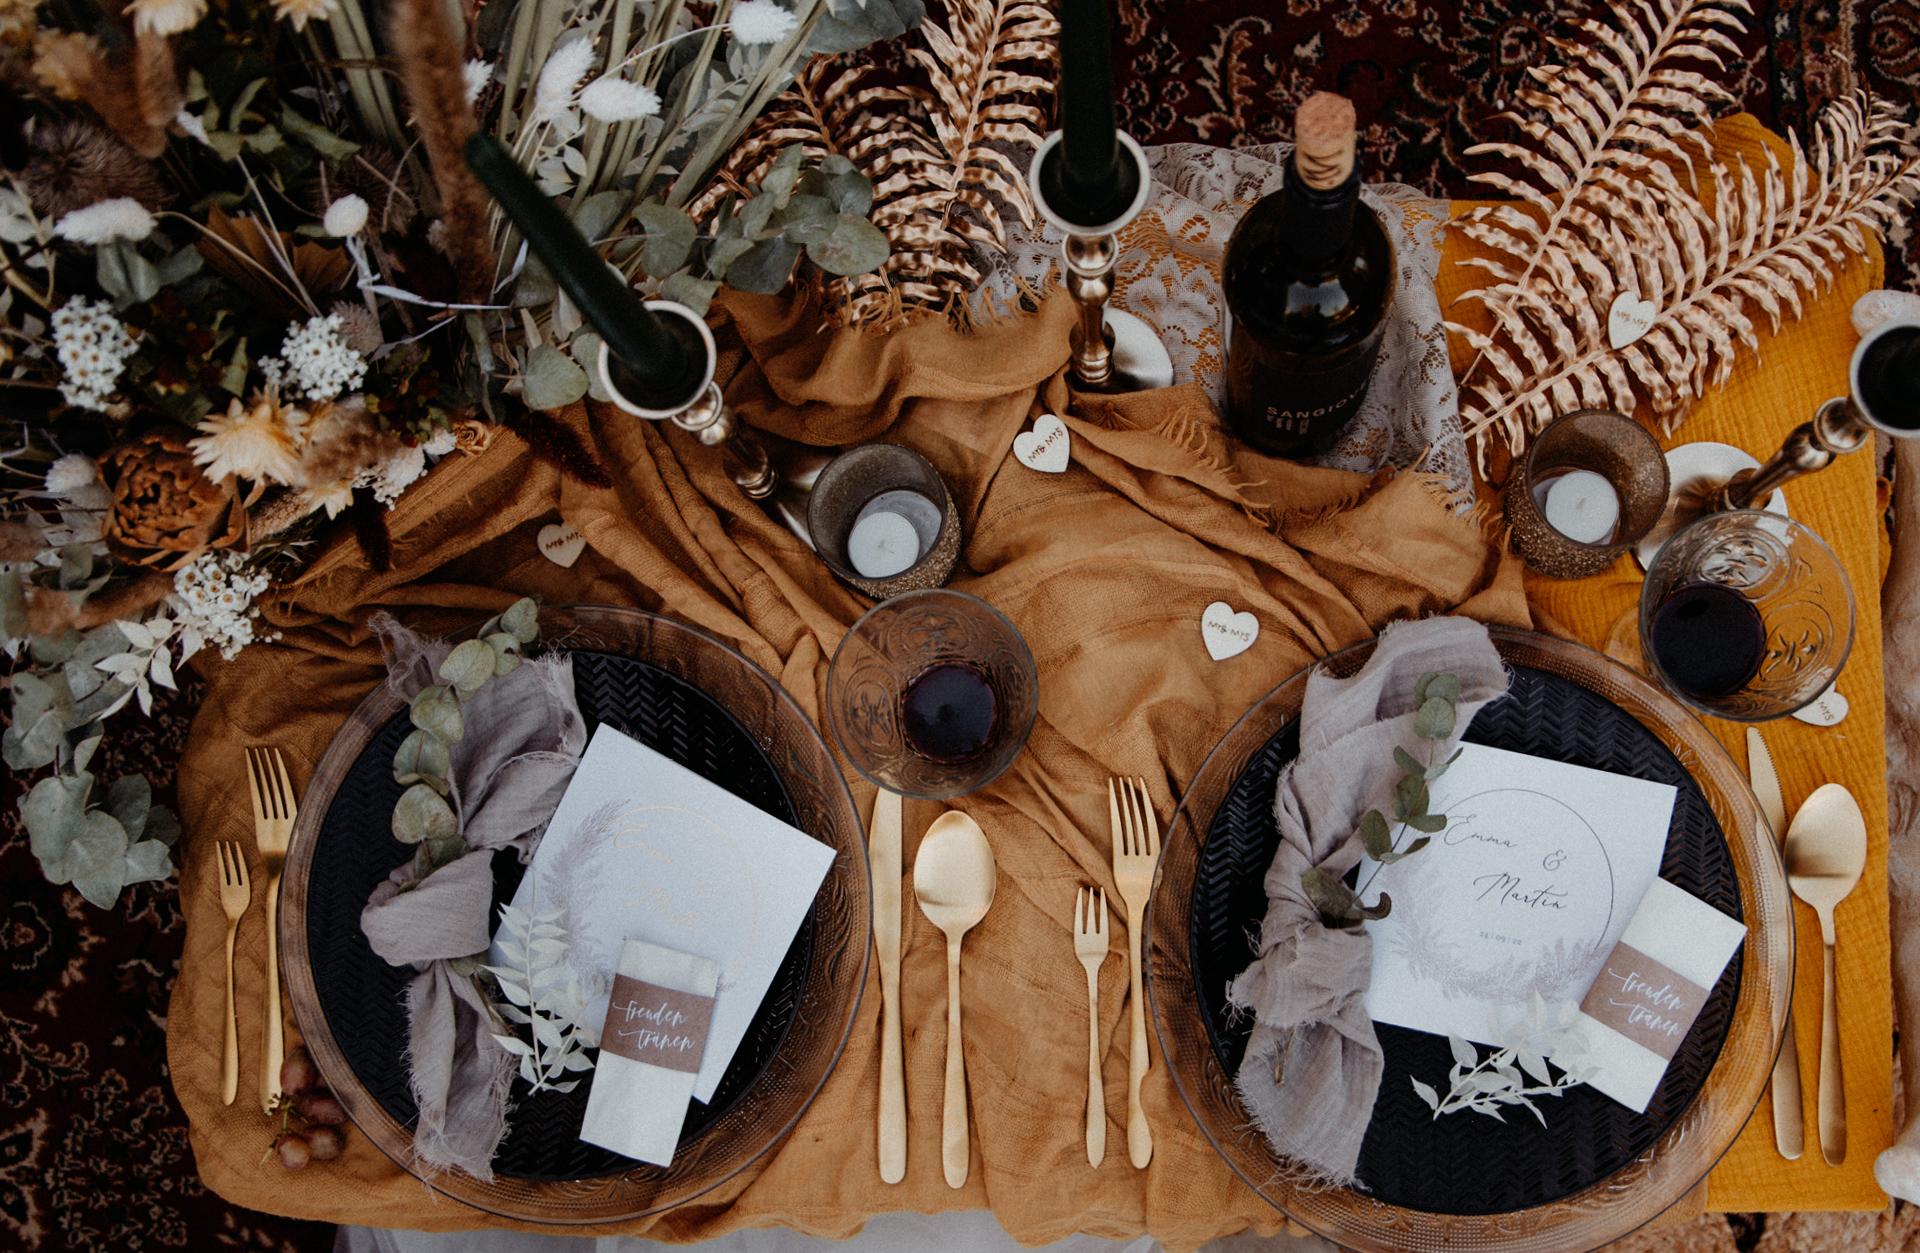 Picknick Hochzeit: Tischdekoration mit Kerzen, Trockenblumen und Leinentuch.